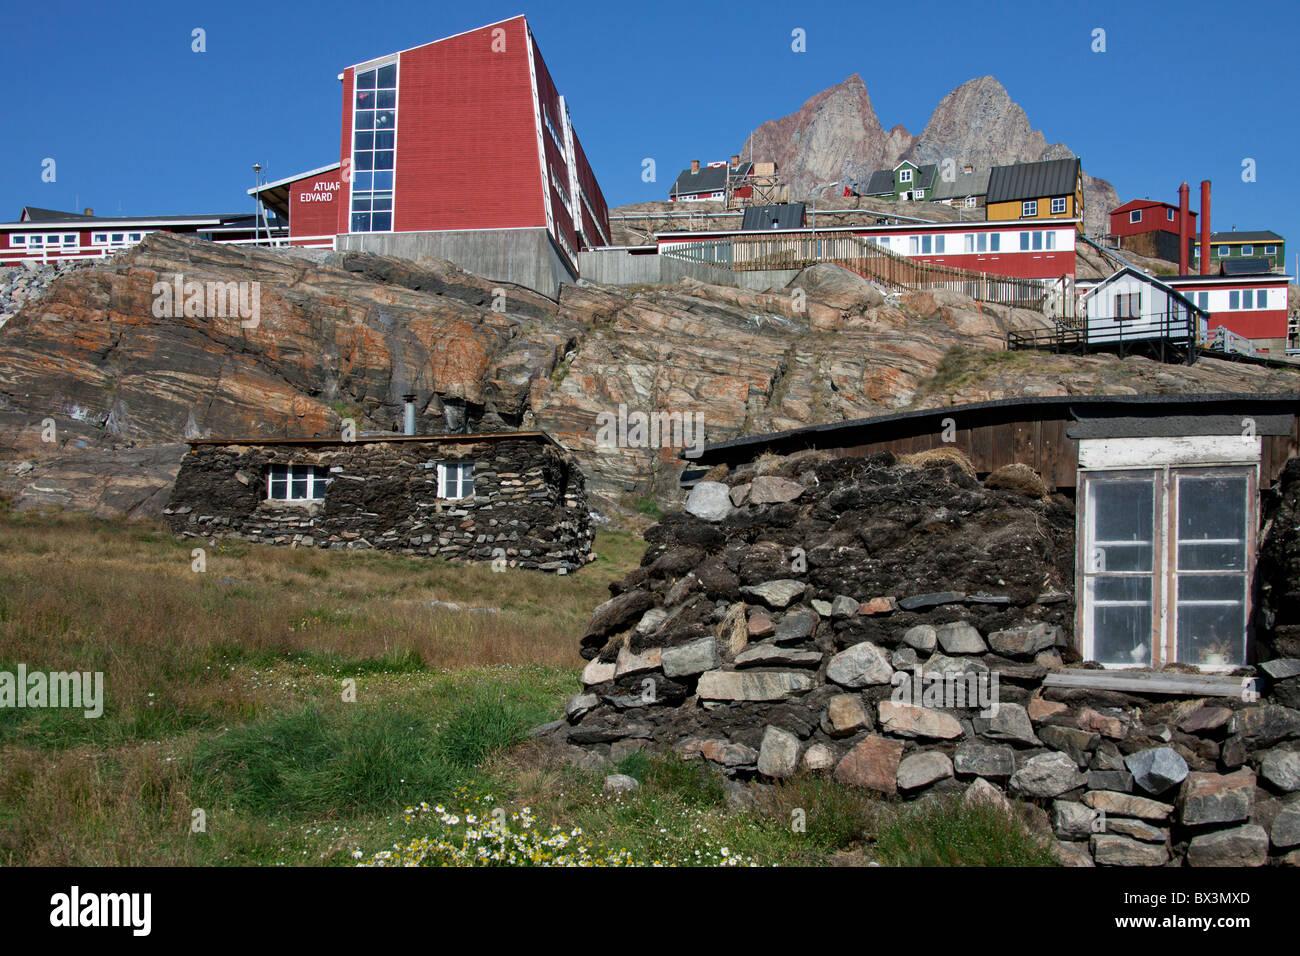 Qarmaq / qammaq, traditional sod houses at the Uummannaq Museum, North-Greenland, Greenland - Stock Image